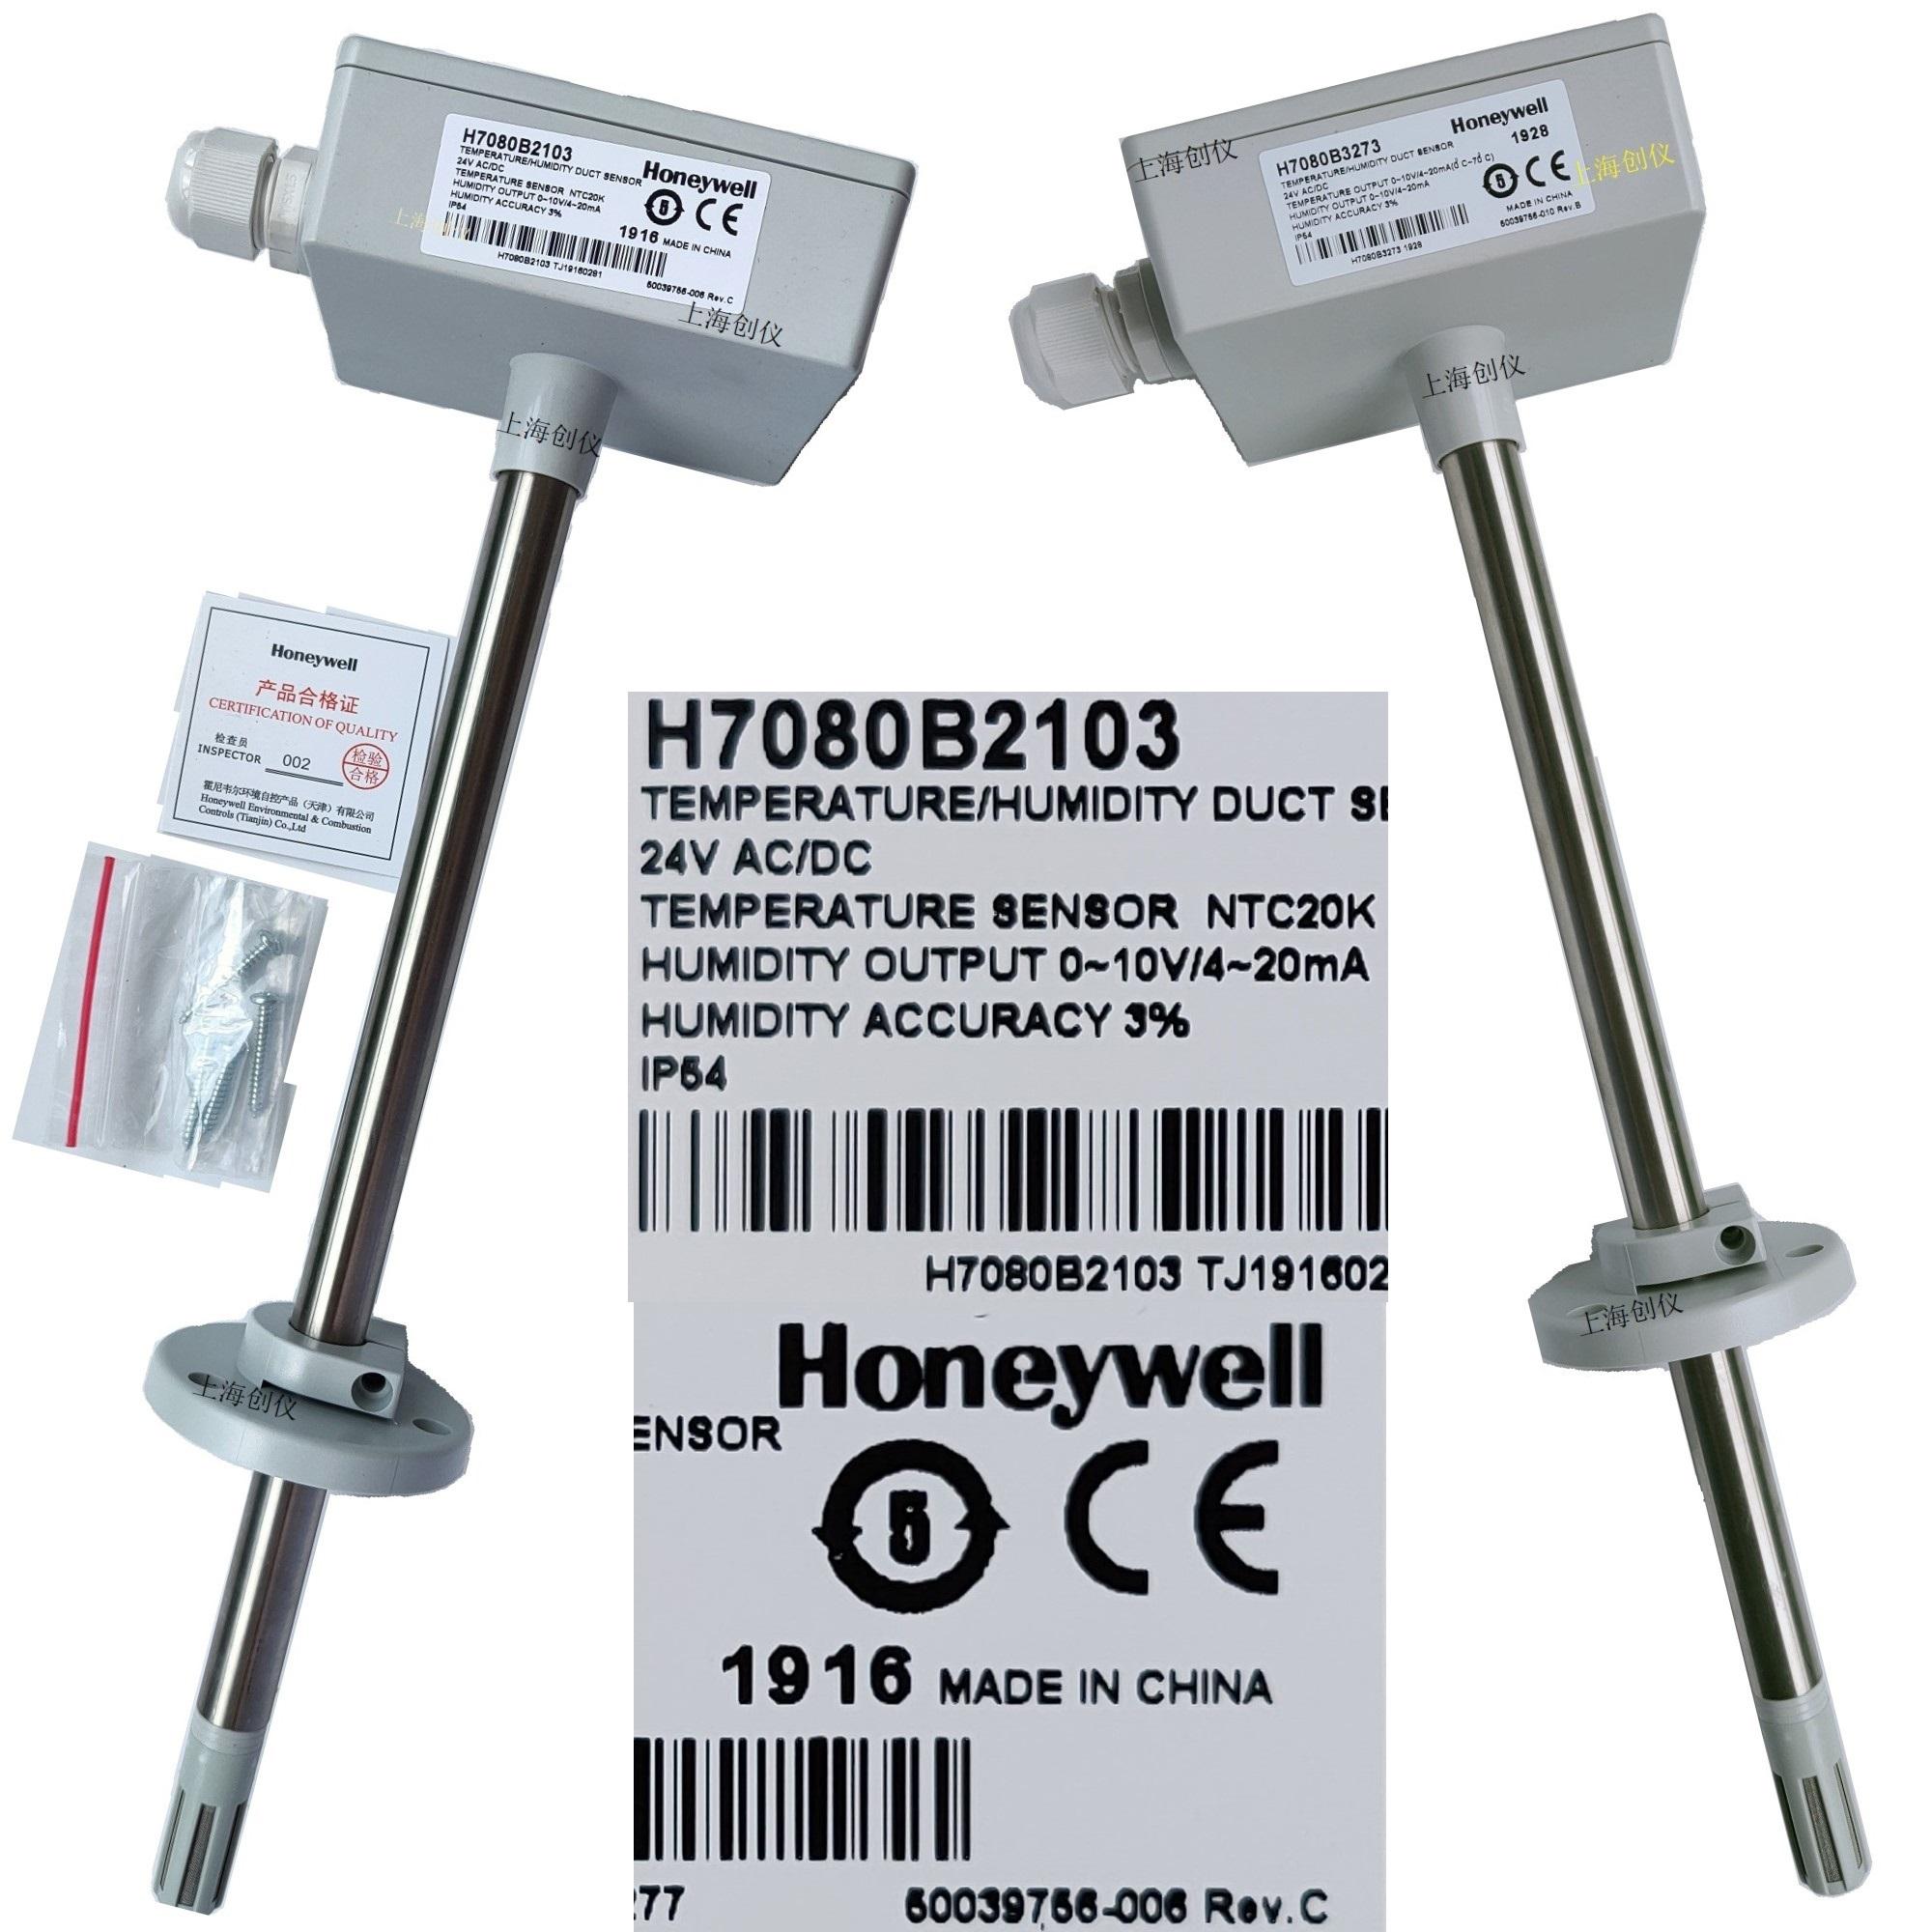 风管型温湿度传感器选HONEYWELL H7080B2103 NTC20K欧温度信号